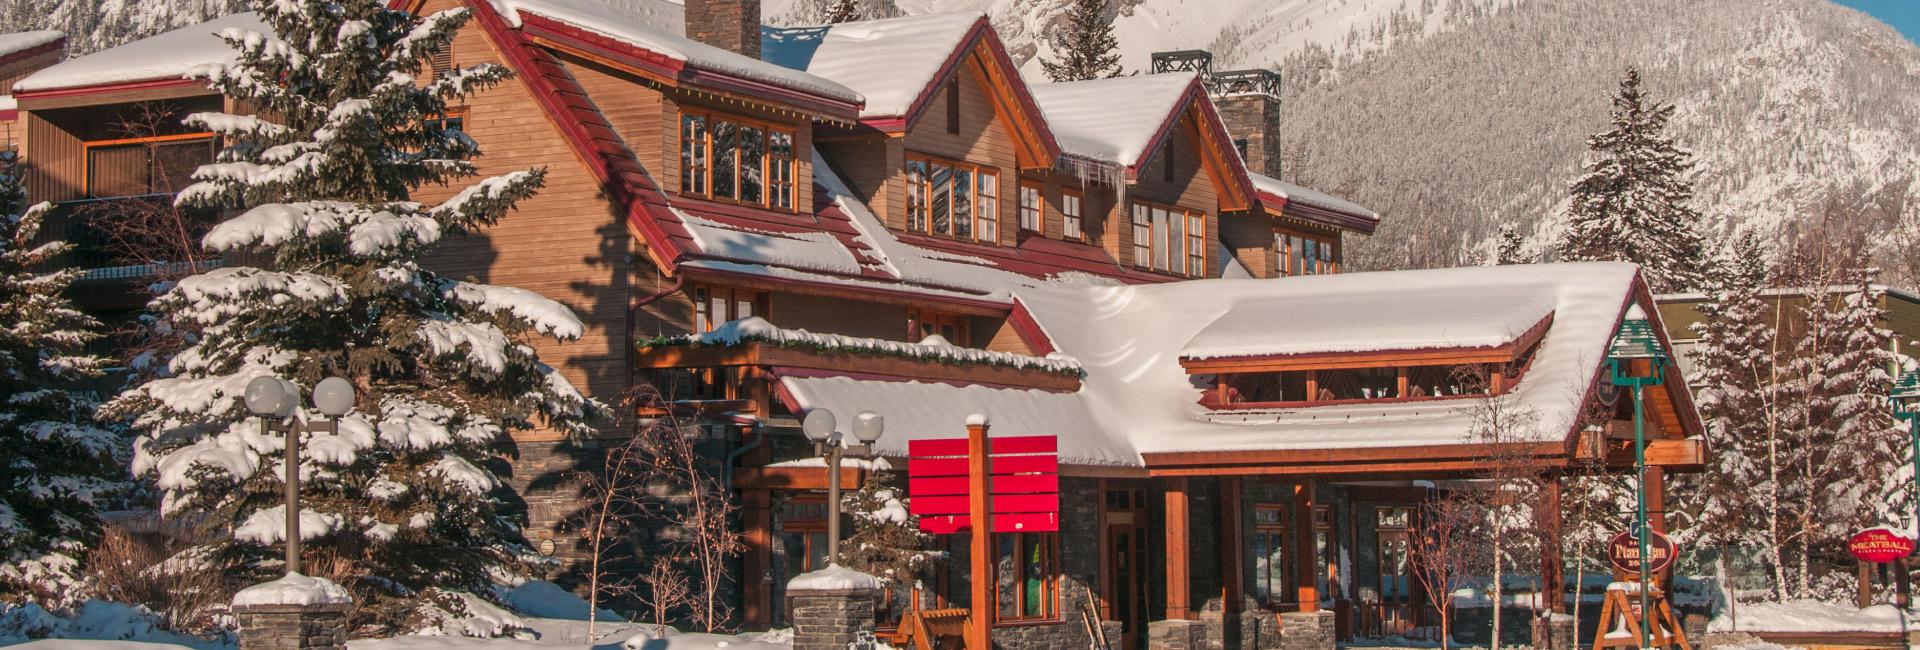 Banff Banff Ptarmigan Inn